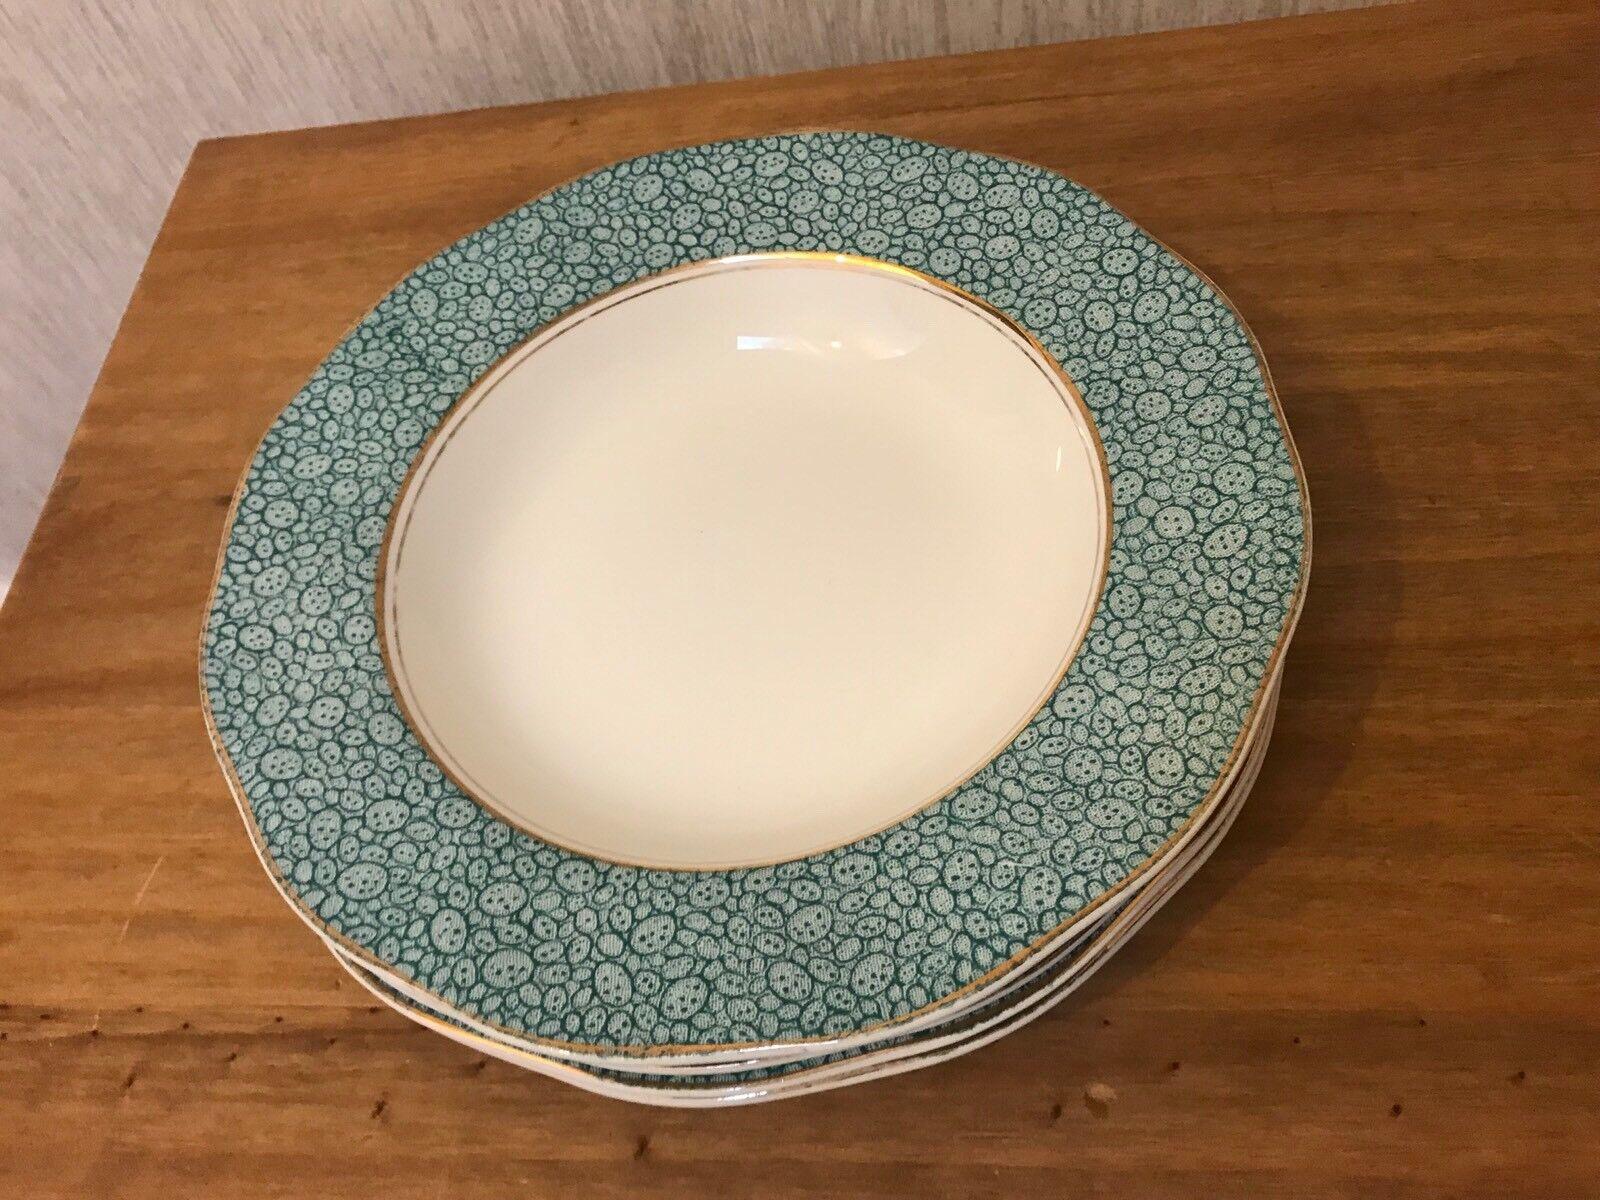 4 Vintage Wedgwood Green Rimmed GARDEN Cereal Soup Bowls